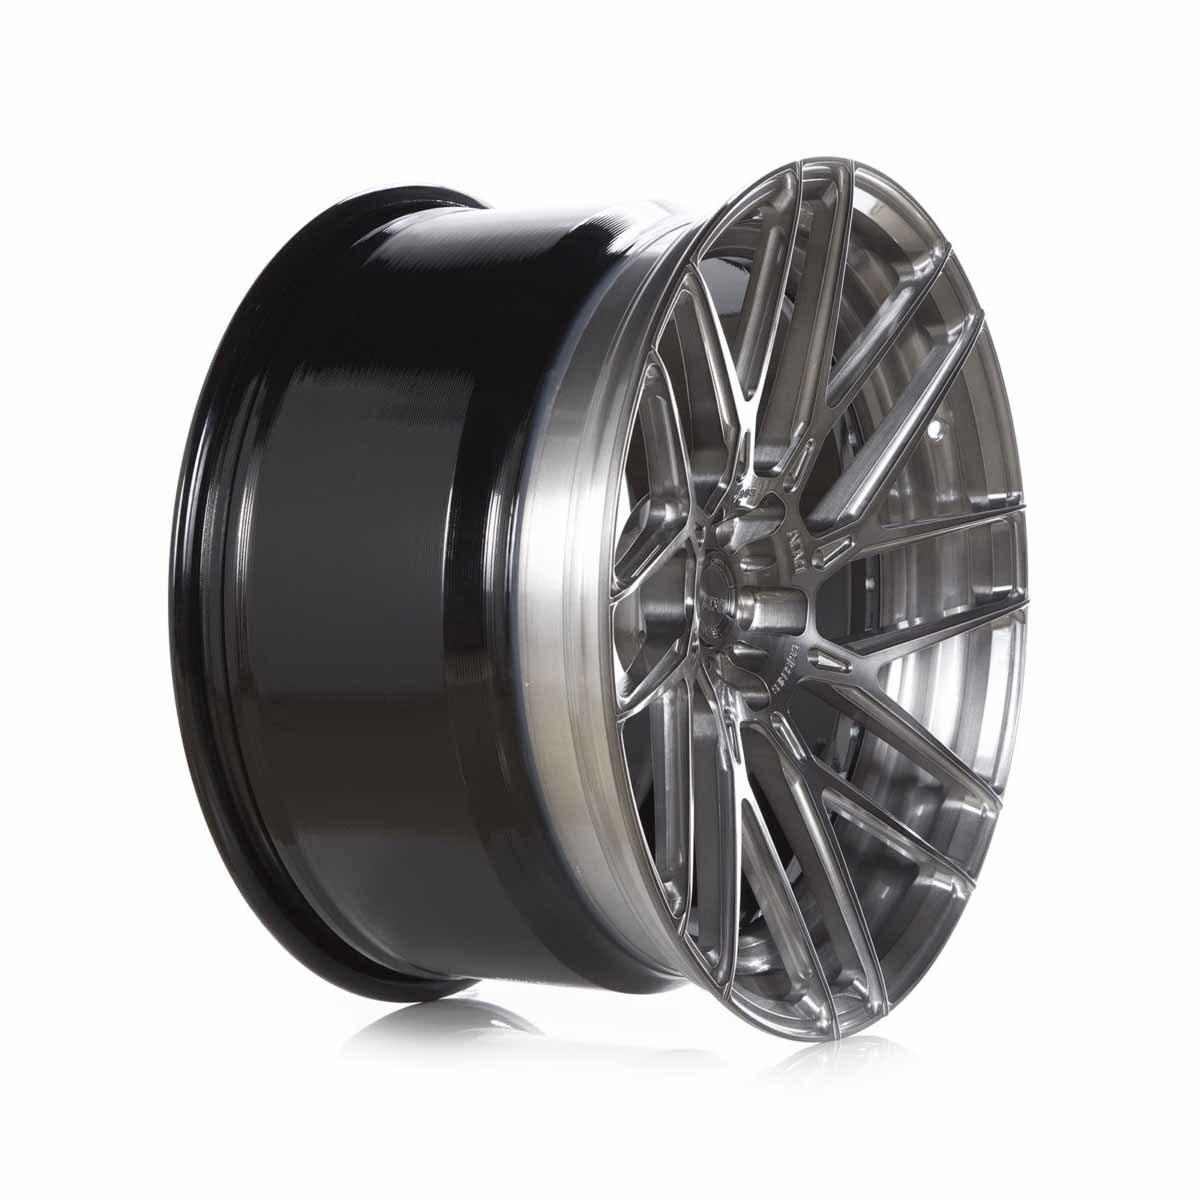 ADV.1 ADV8R M.V2 (CS Series) forged wheels